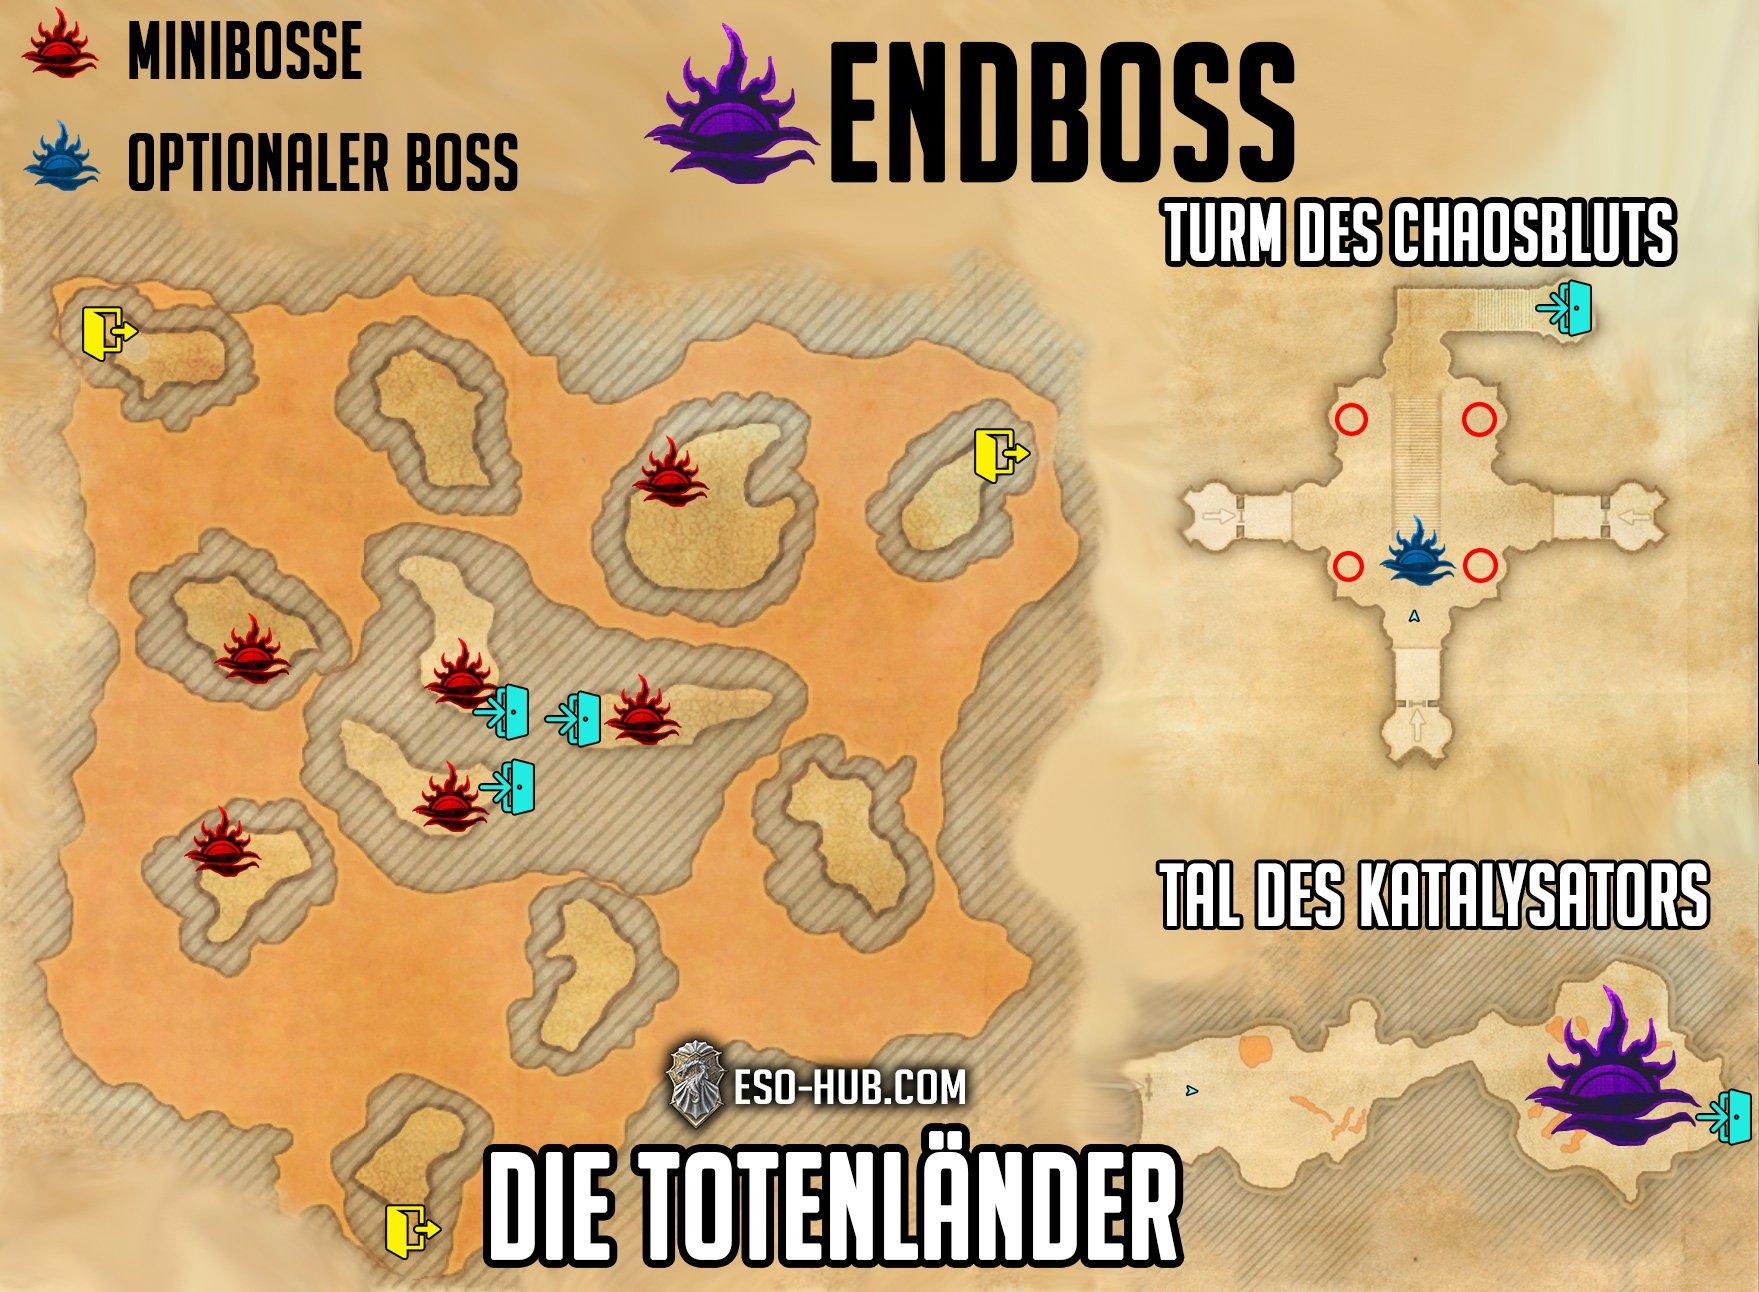 Totenländer Karte mit Bossen und Oblivion Portale